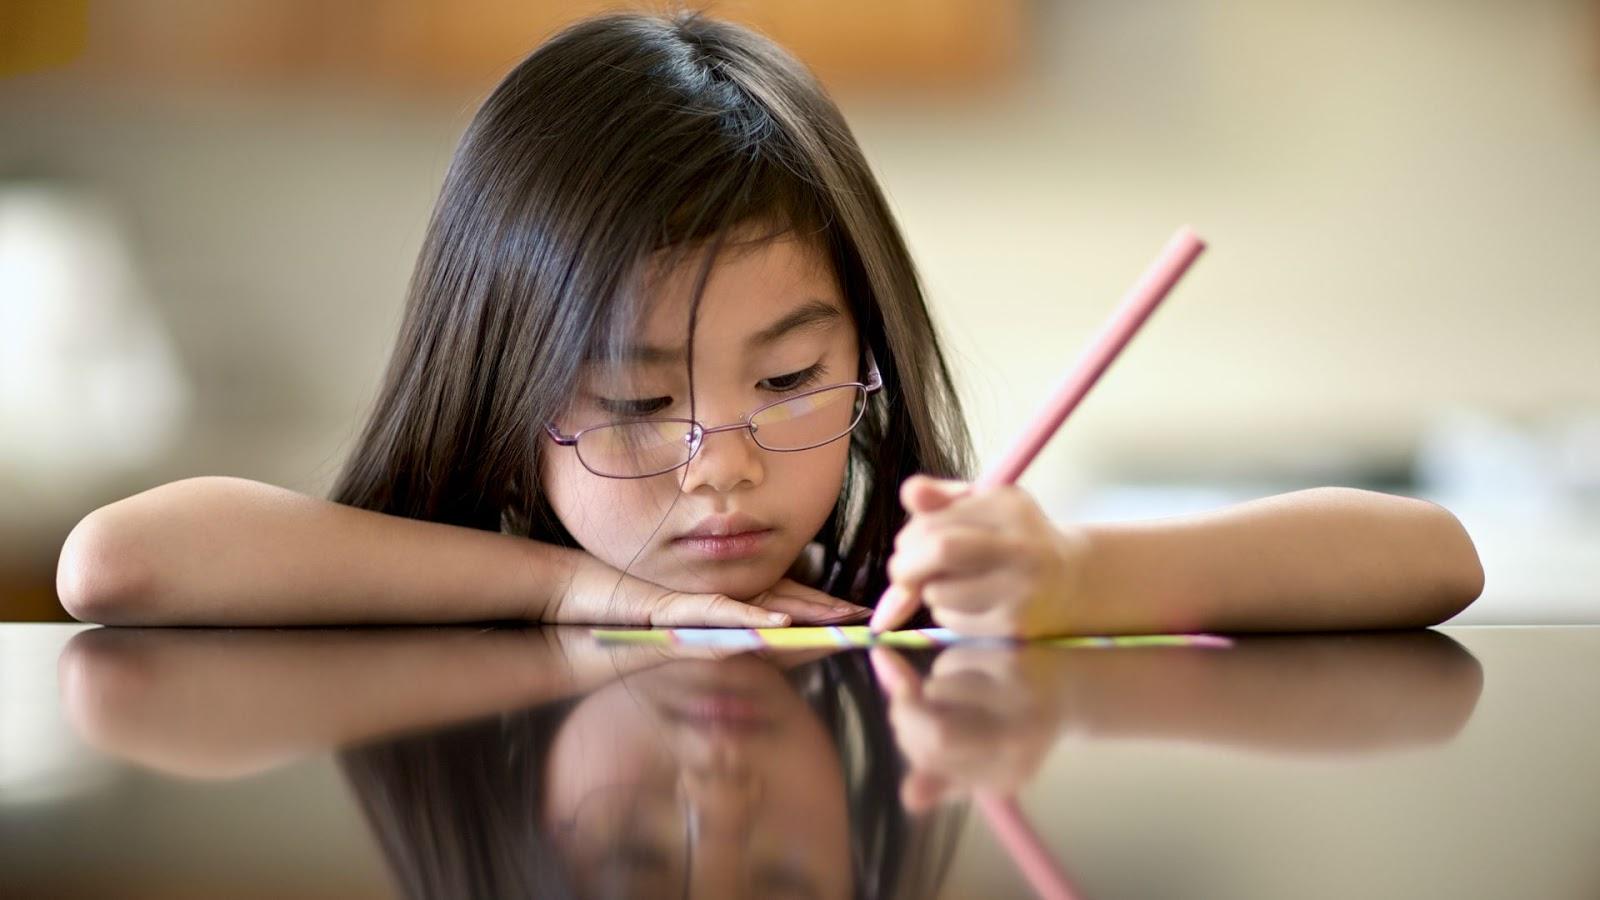 คนถนัดซ้าย สมอง และแนวโน้ม เรื่องการเรียน เป็นอย่างไร